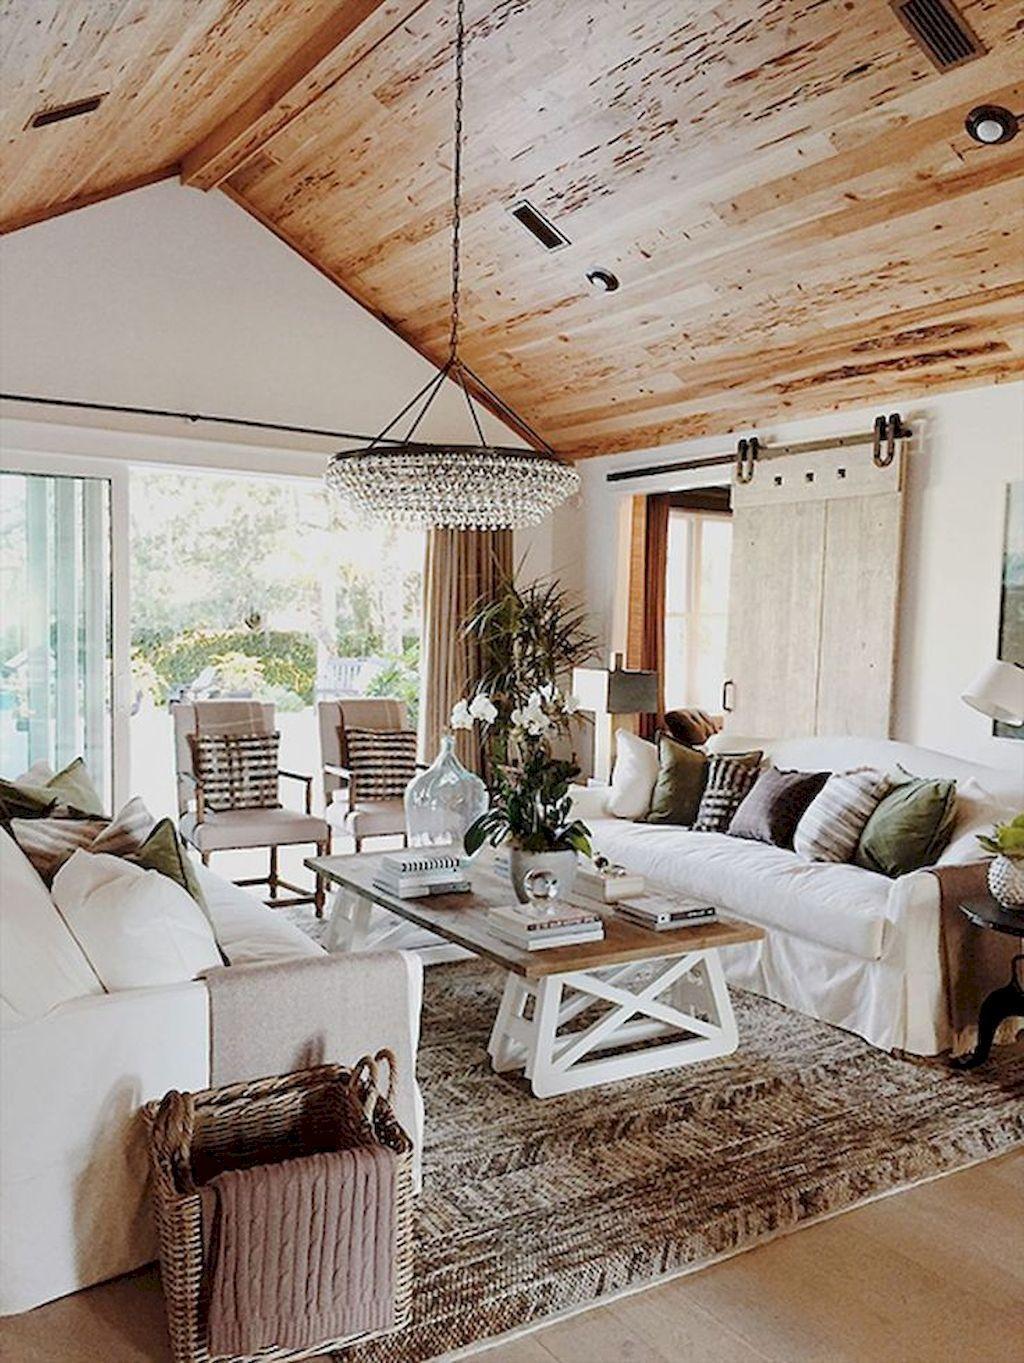 14 Cozy Modern Farmhouse Living Room Decor Ideas Farmhouse Decor Living Room Farm House Living Room Modern Farmhouse Living Room Decor